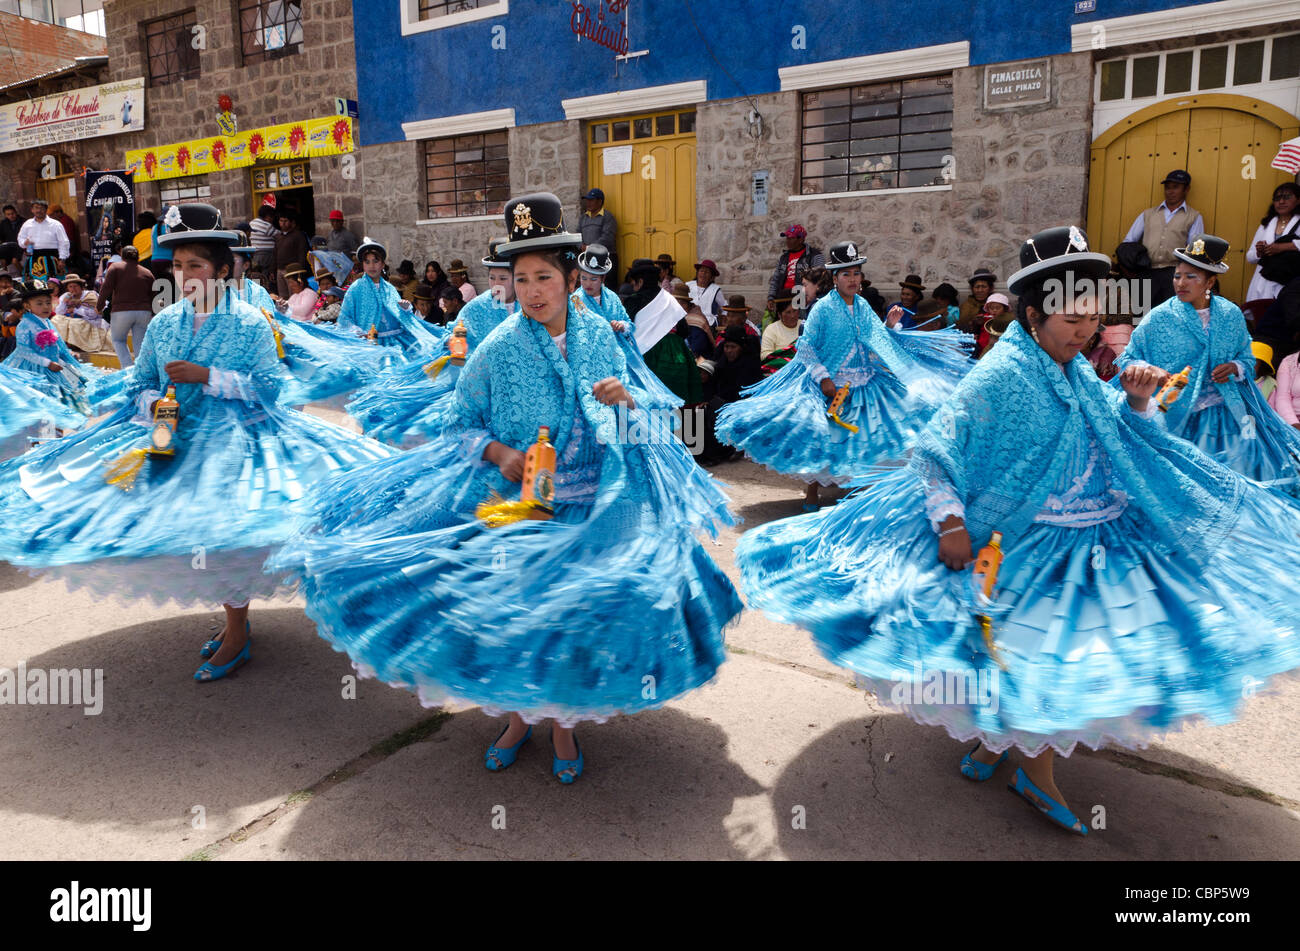 Danseurs traditionnelle péruvienne au fiesta de Nuestra Señora del Rosario à Chucuito Puno Pérou Photo Stock